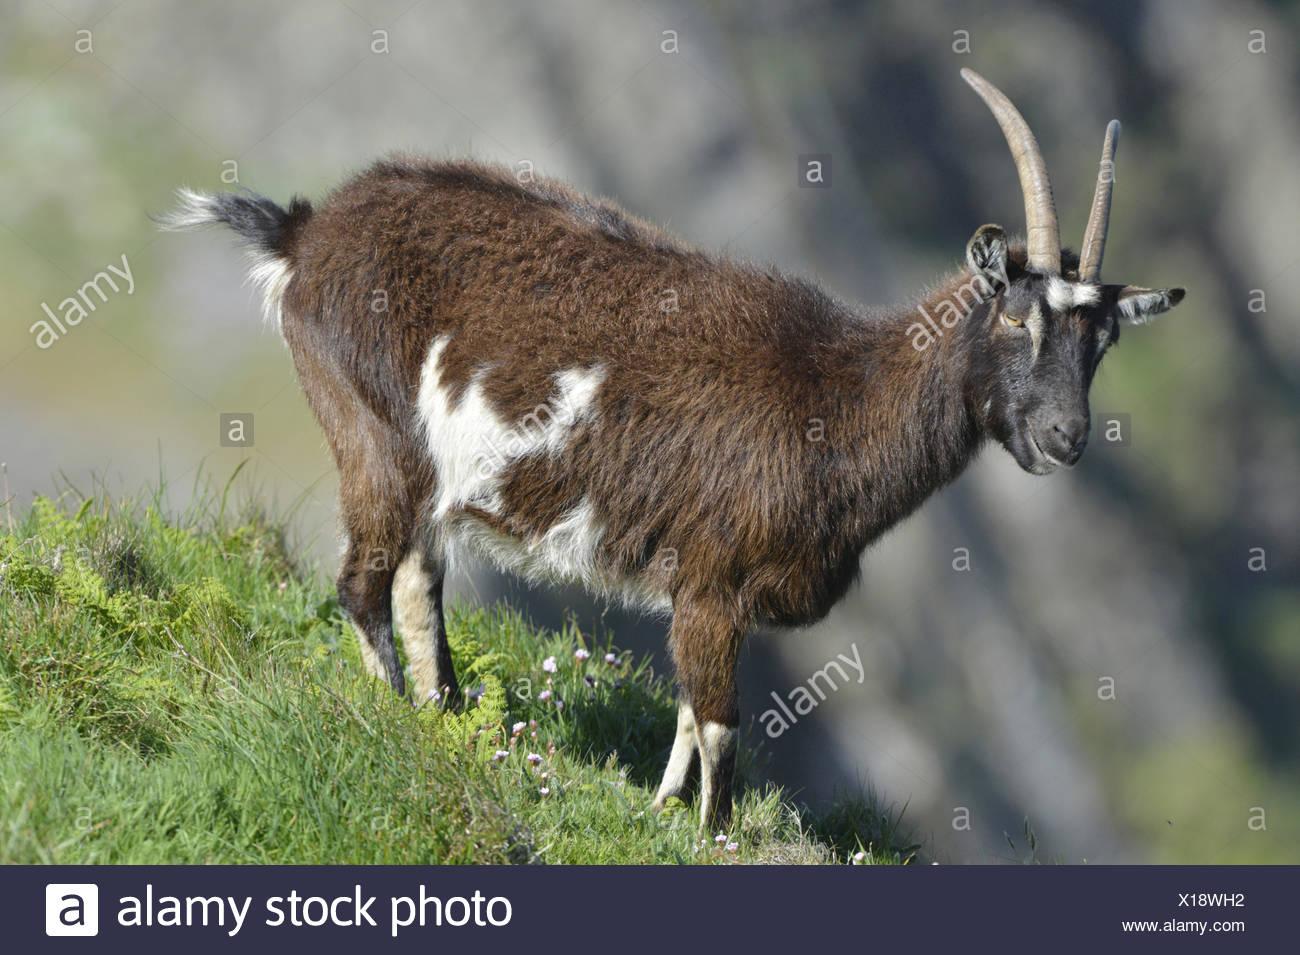 Goat - Capra hircus - Stock Image